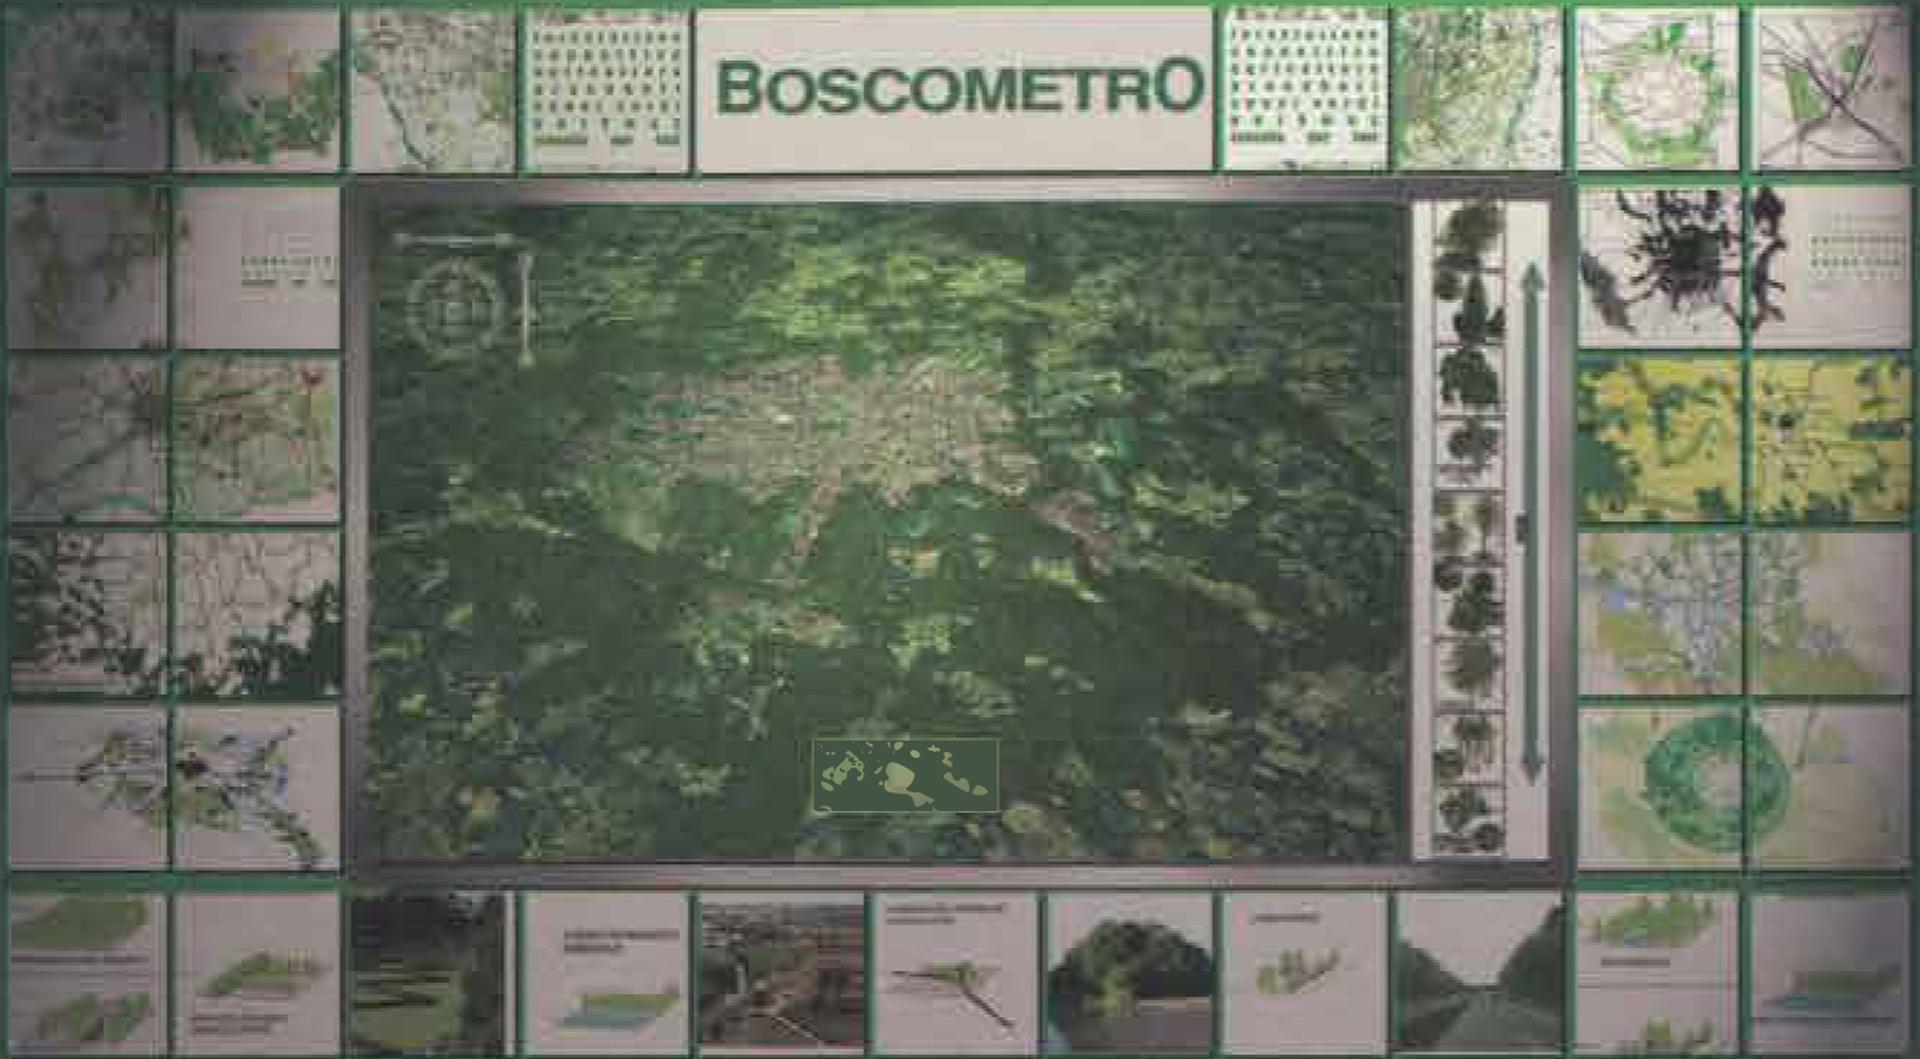 ©2007, Chiara Boeri, Boscometro More Than a Green Belt for a City